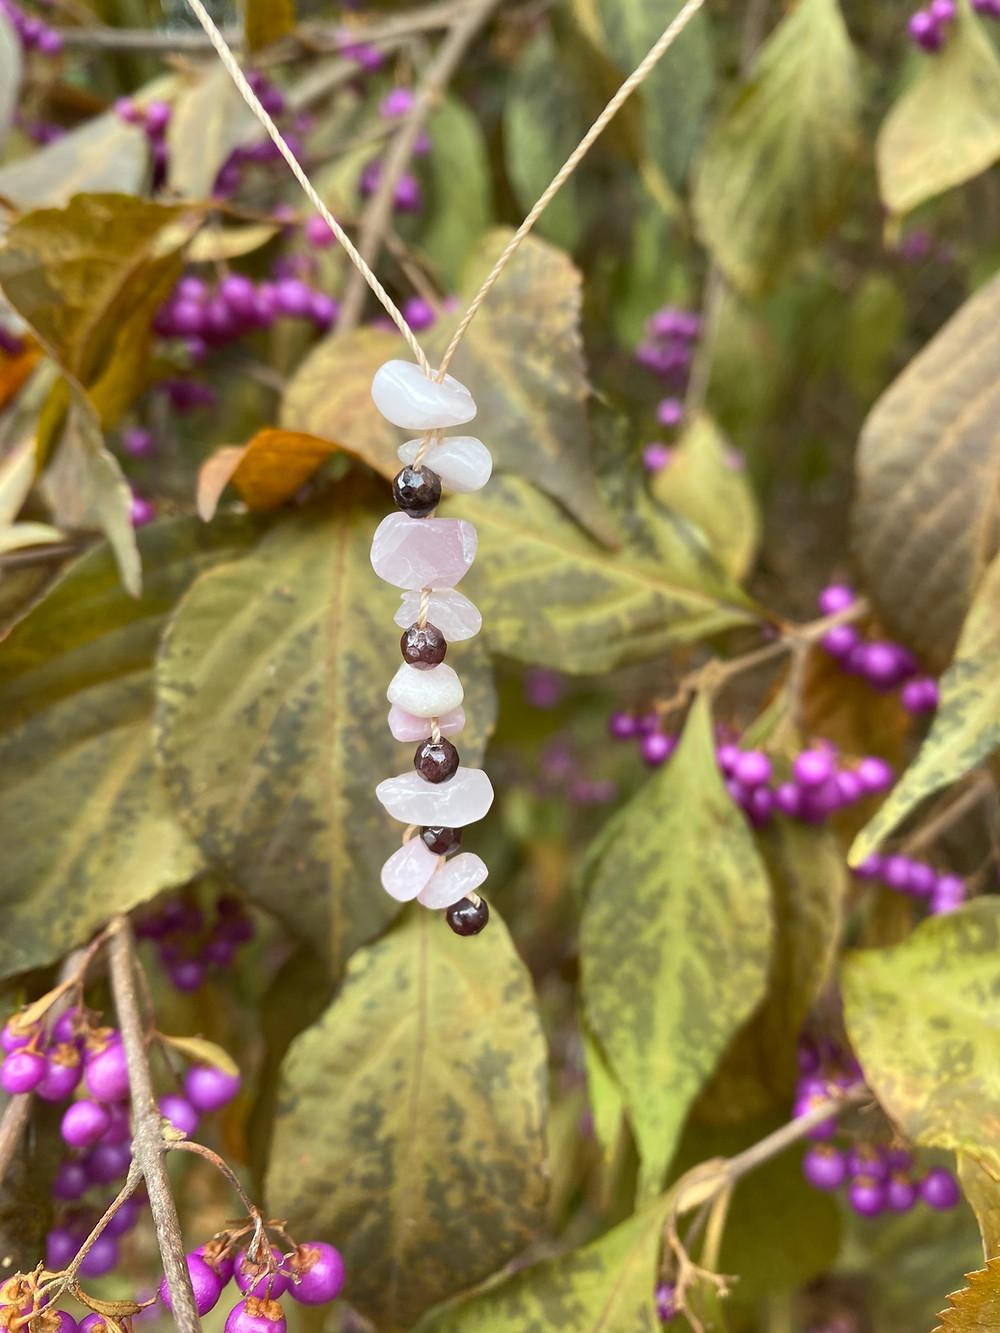 kunzite garnet gemstone necklace